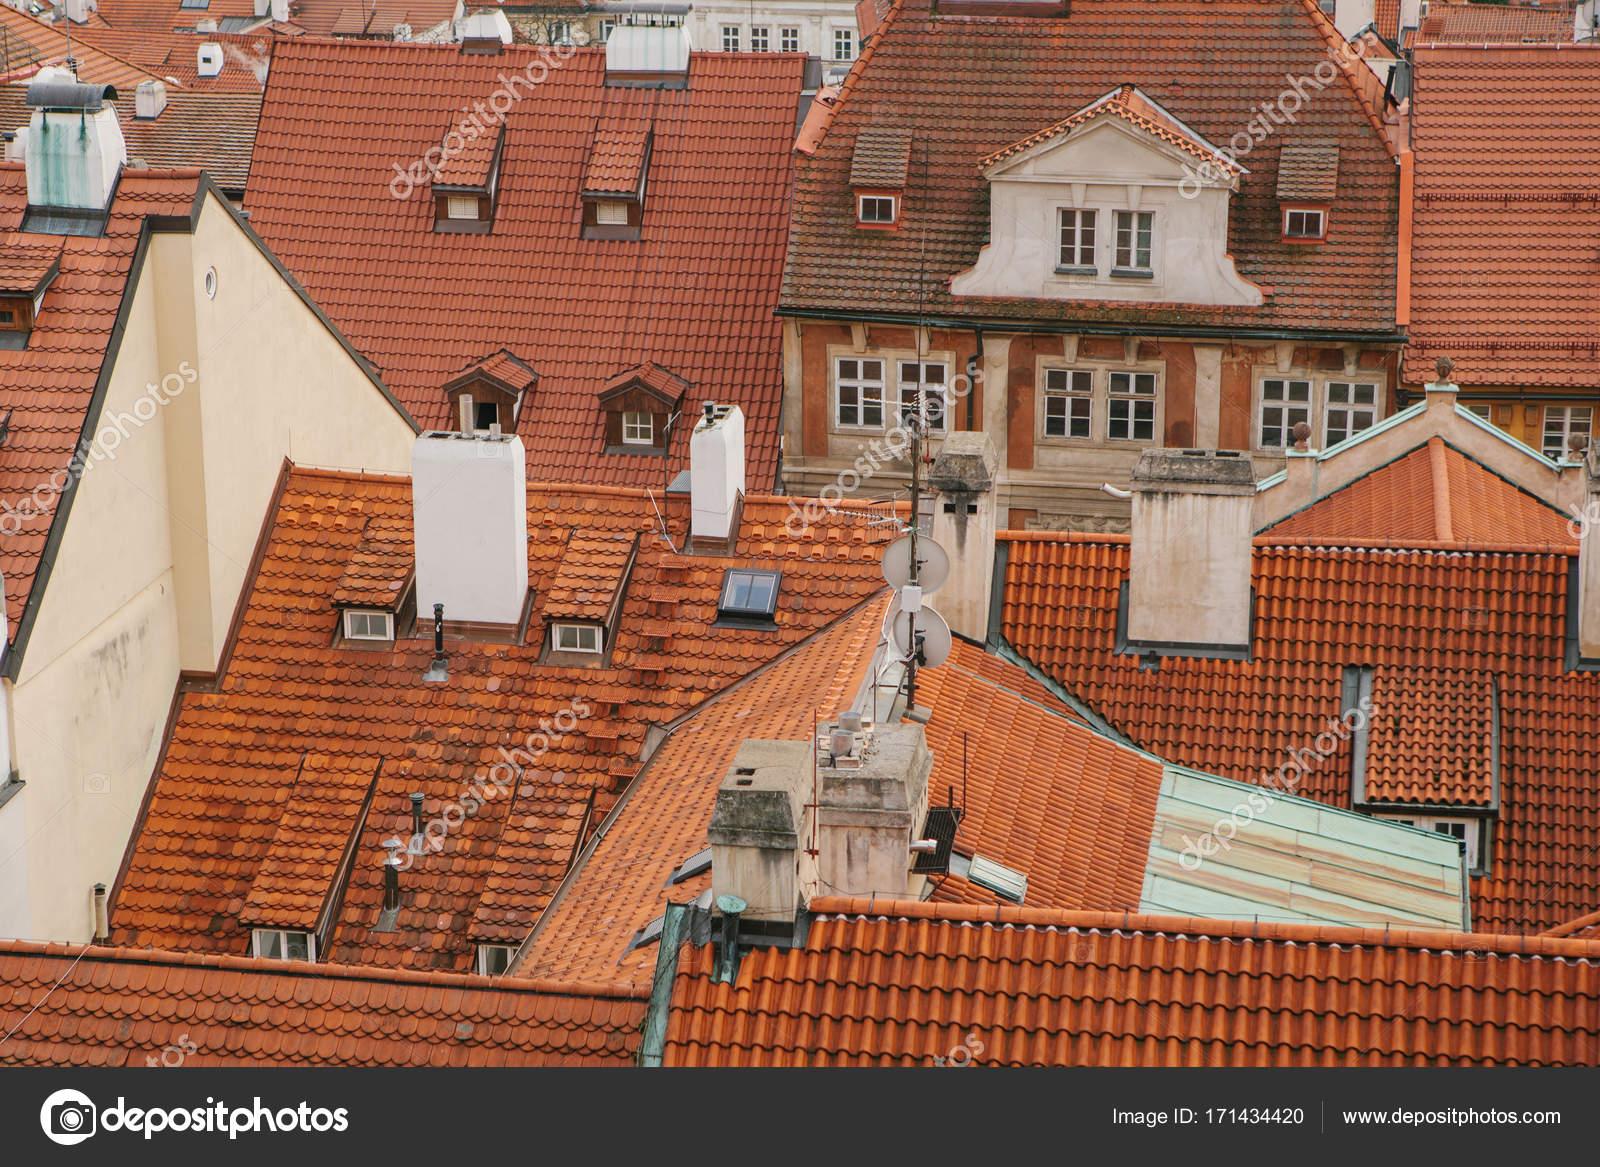 Typische daken in praag bovenaanzicht daken met rode tegels in